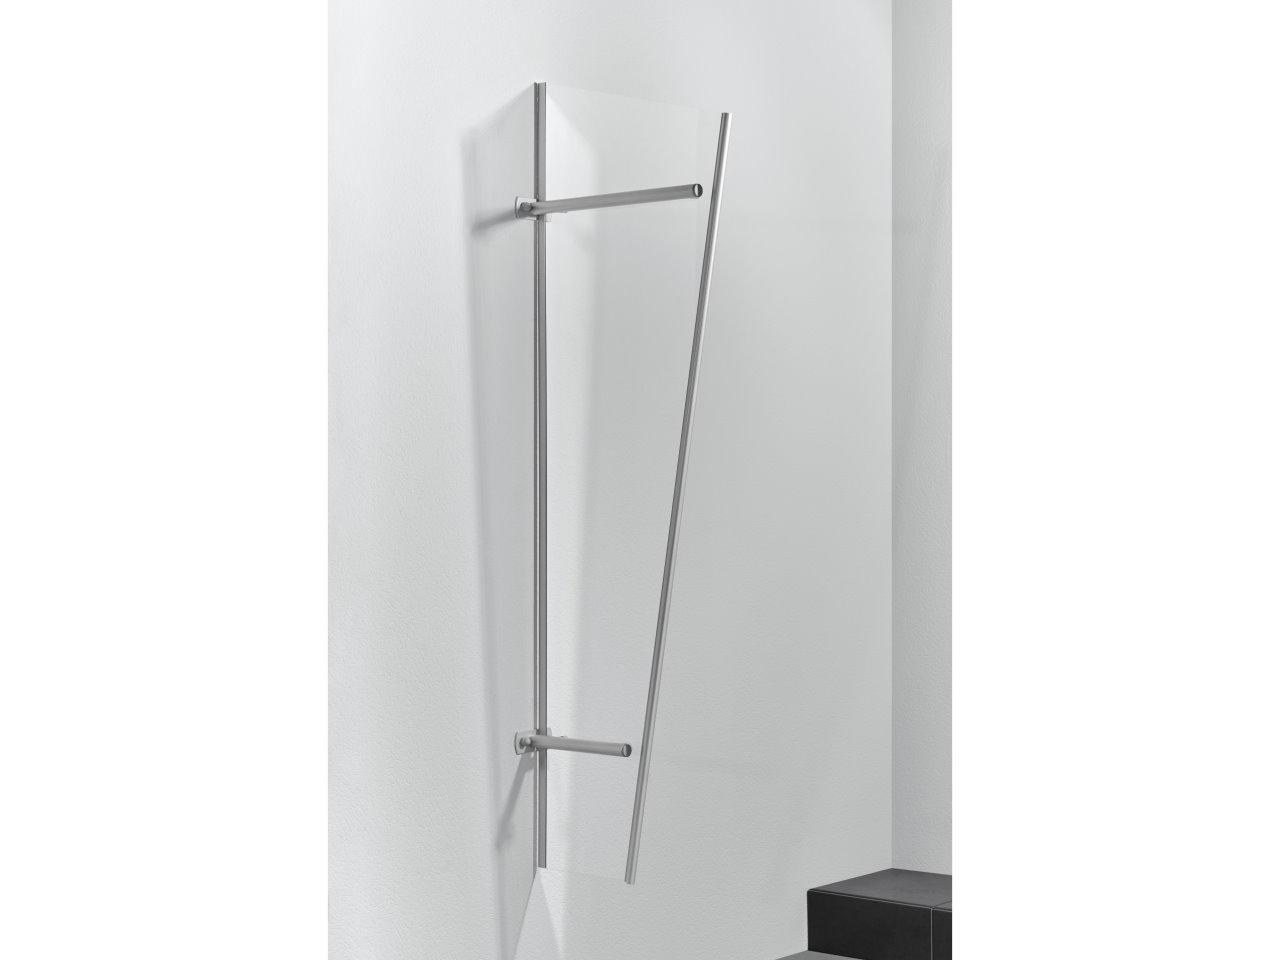 seitenblende pt gr acryl passend zu pultvordach pt gr seitenteile vord cher acrylshop24. Black Bedroom Furniture Sets. Home Design Ideas